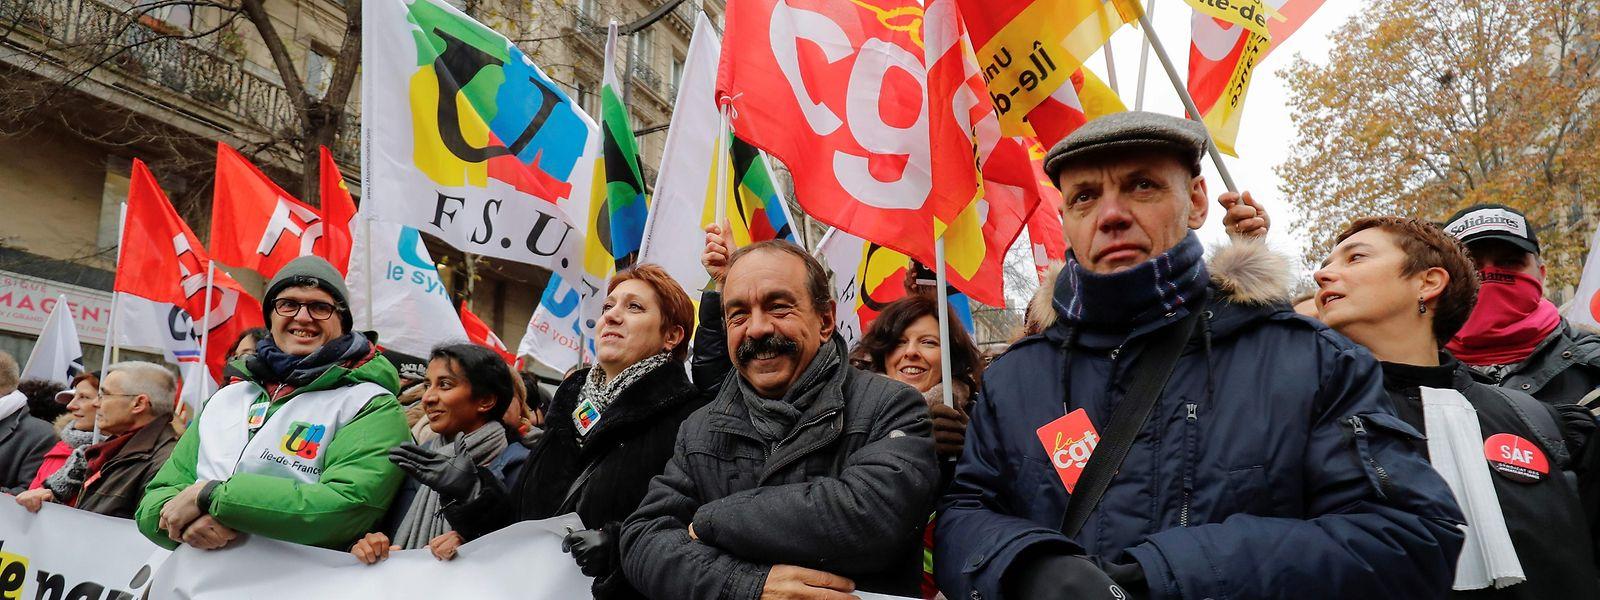 Selon la CGT, 250.000 personnes ont protesté ce jeudi dans les rues de Paris.